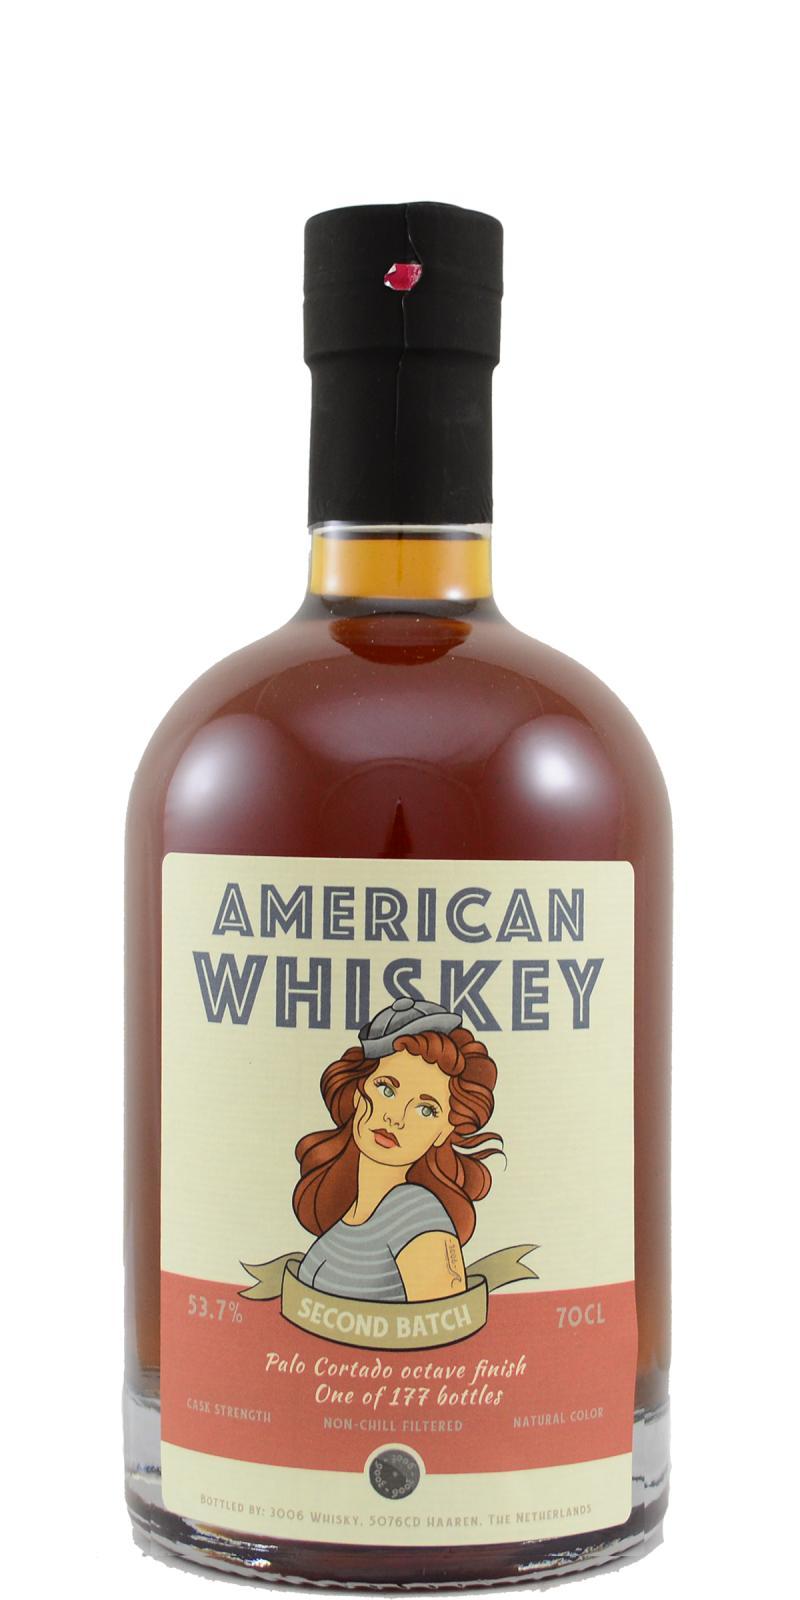 American Whiskey 2nd Batch 3W